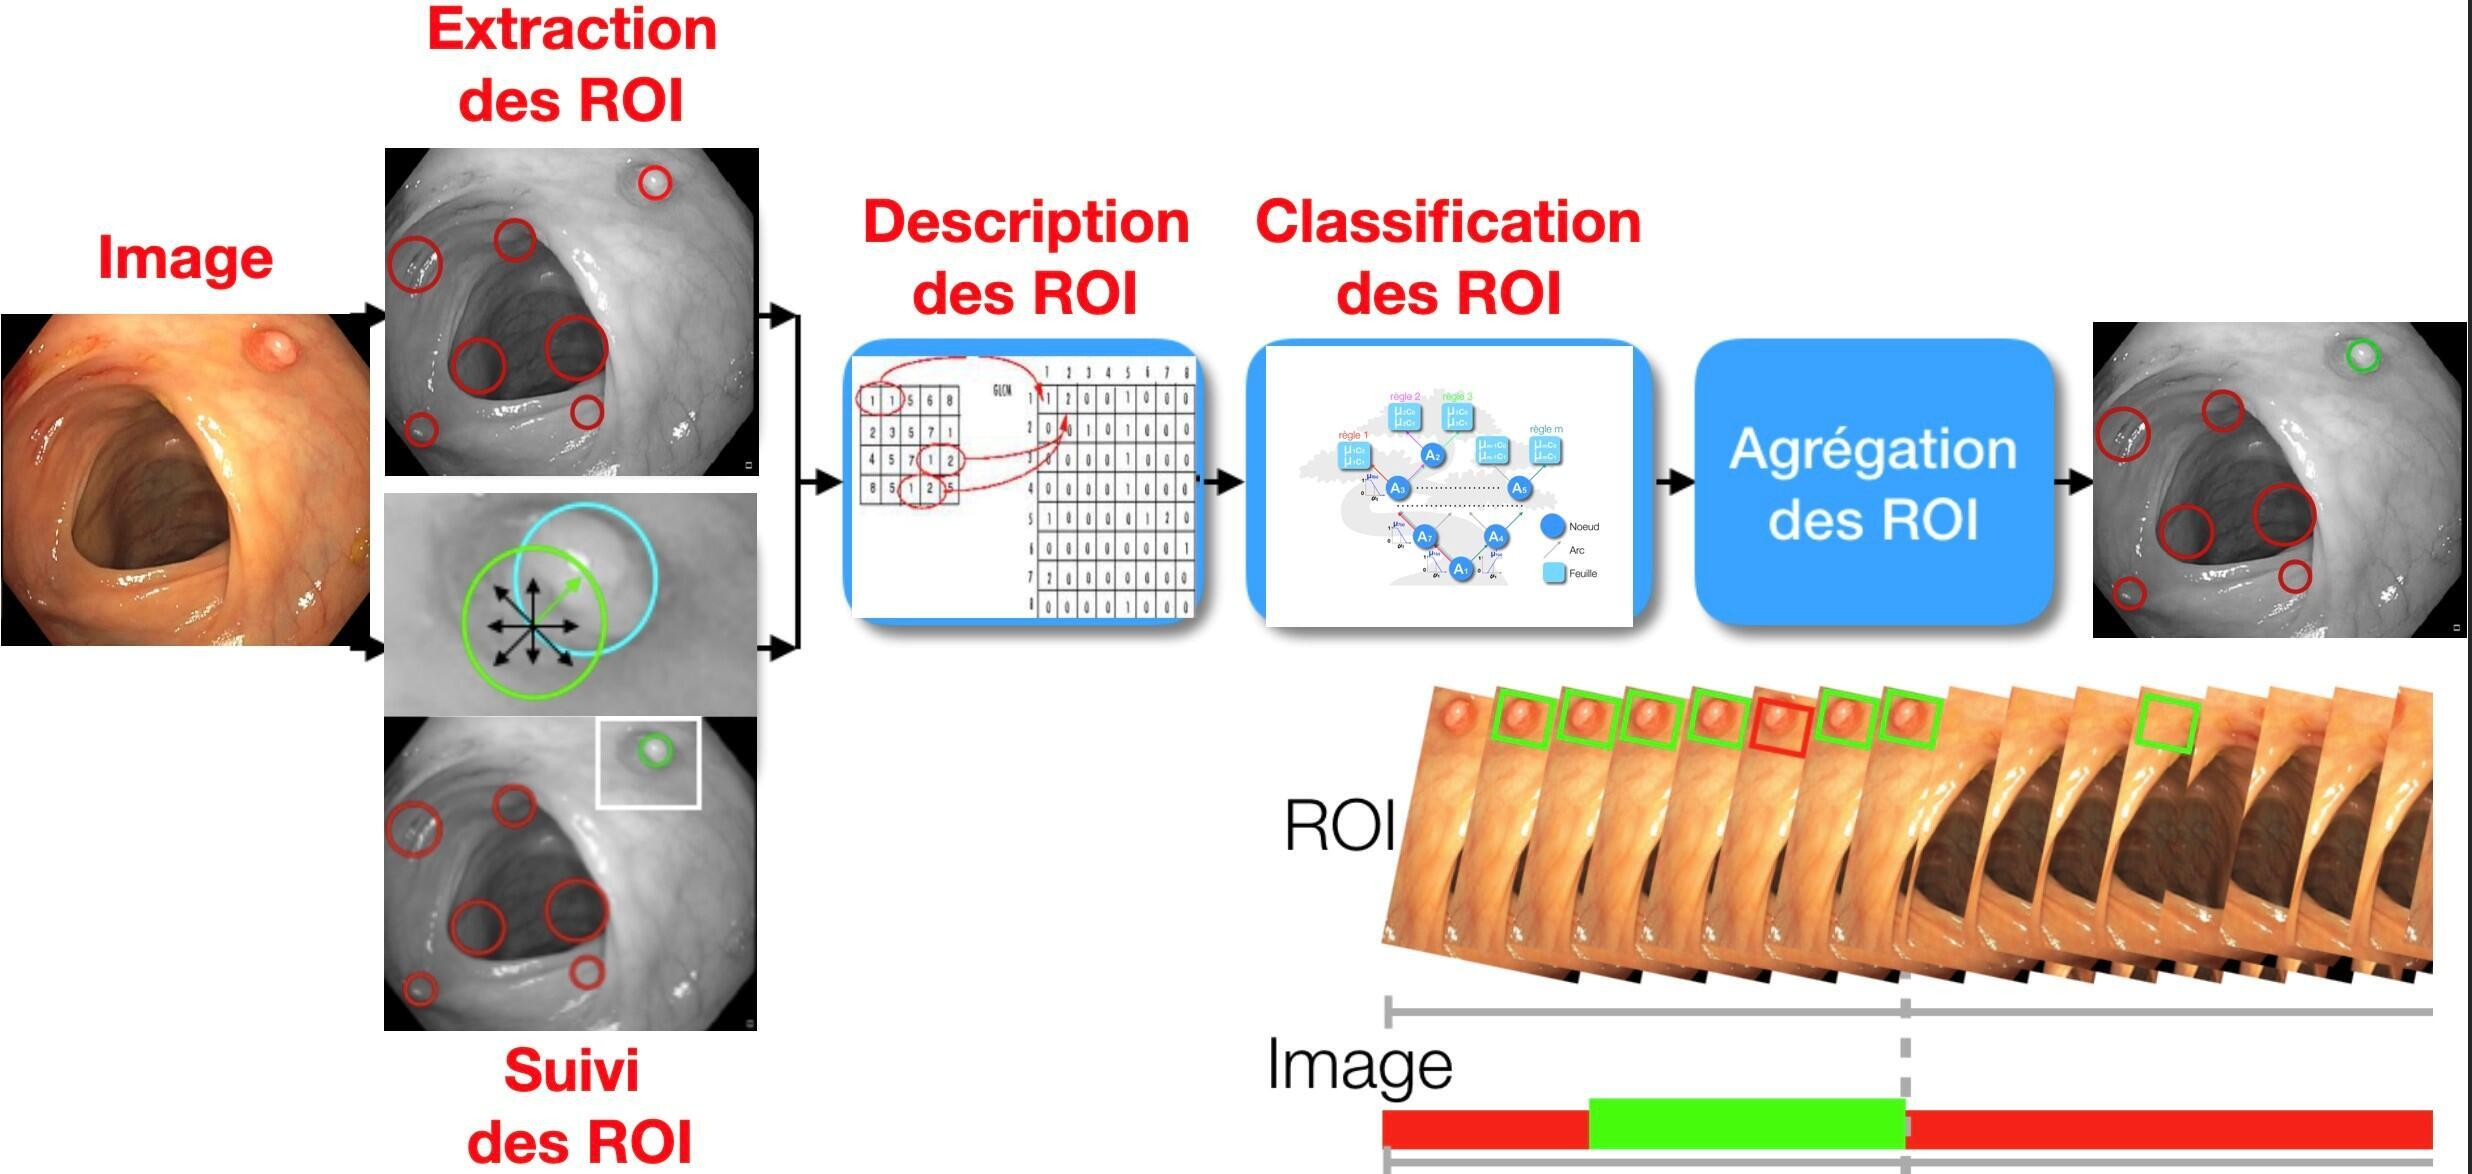 Los ingenieros de Lip6 desarrollan algoritmos para poder interpretar correctamente las imágenes captadas por la cápsula.